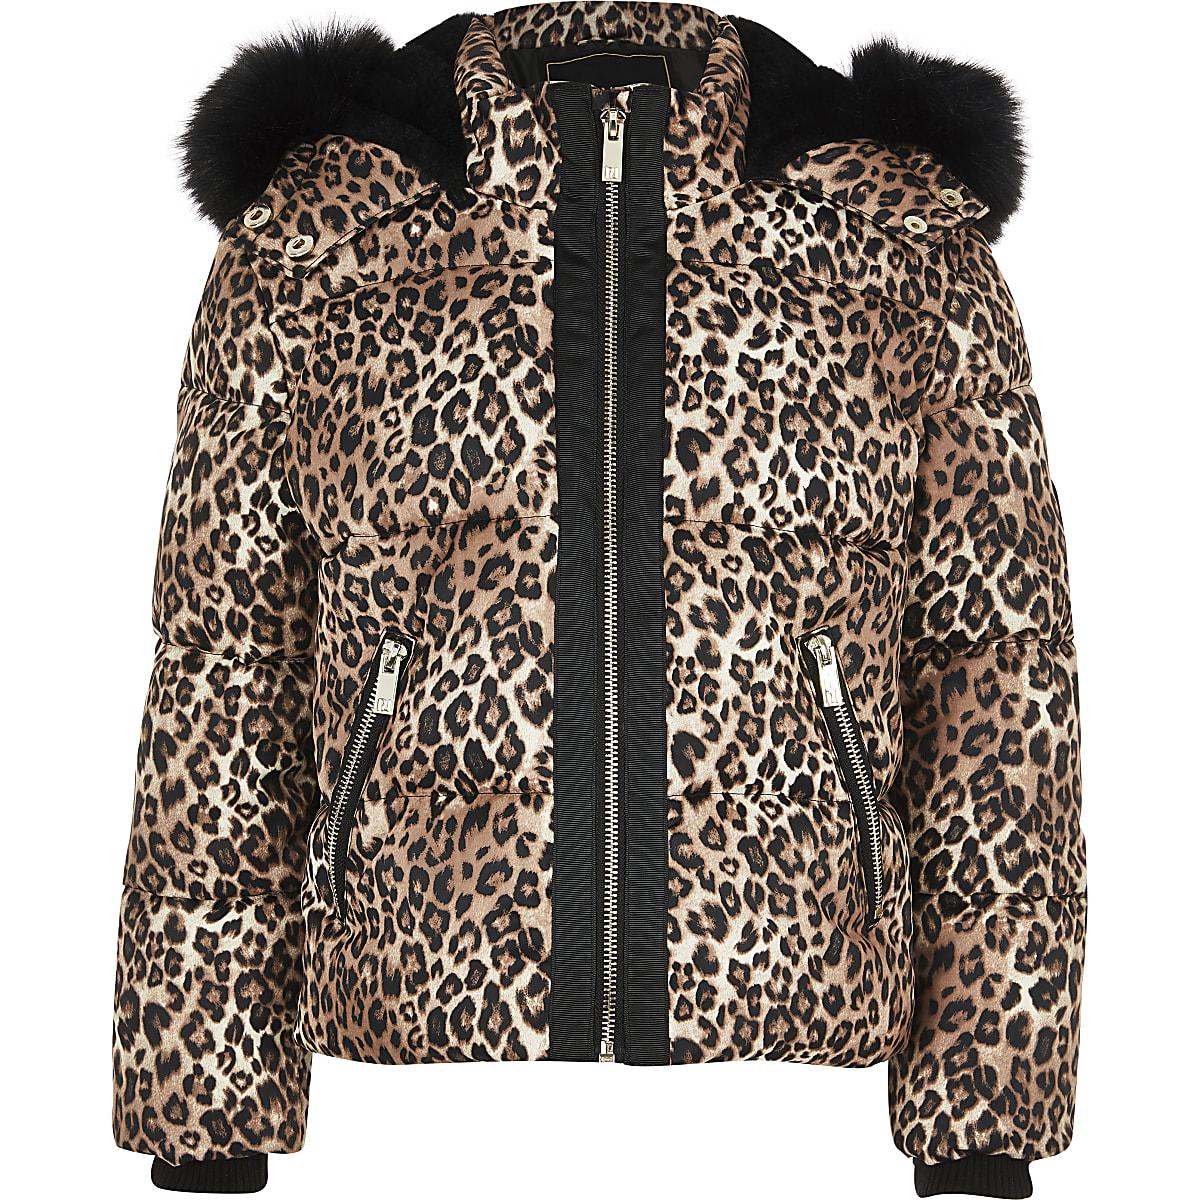 Bruine gewatteerde jas met luipaardprint en bont voor meisjes